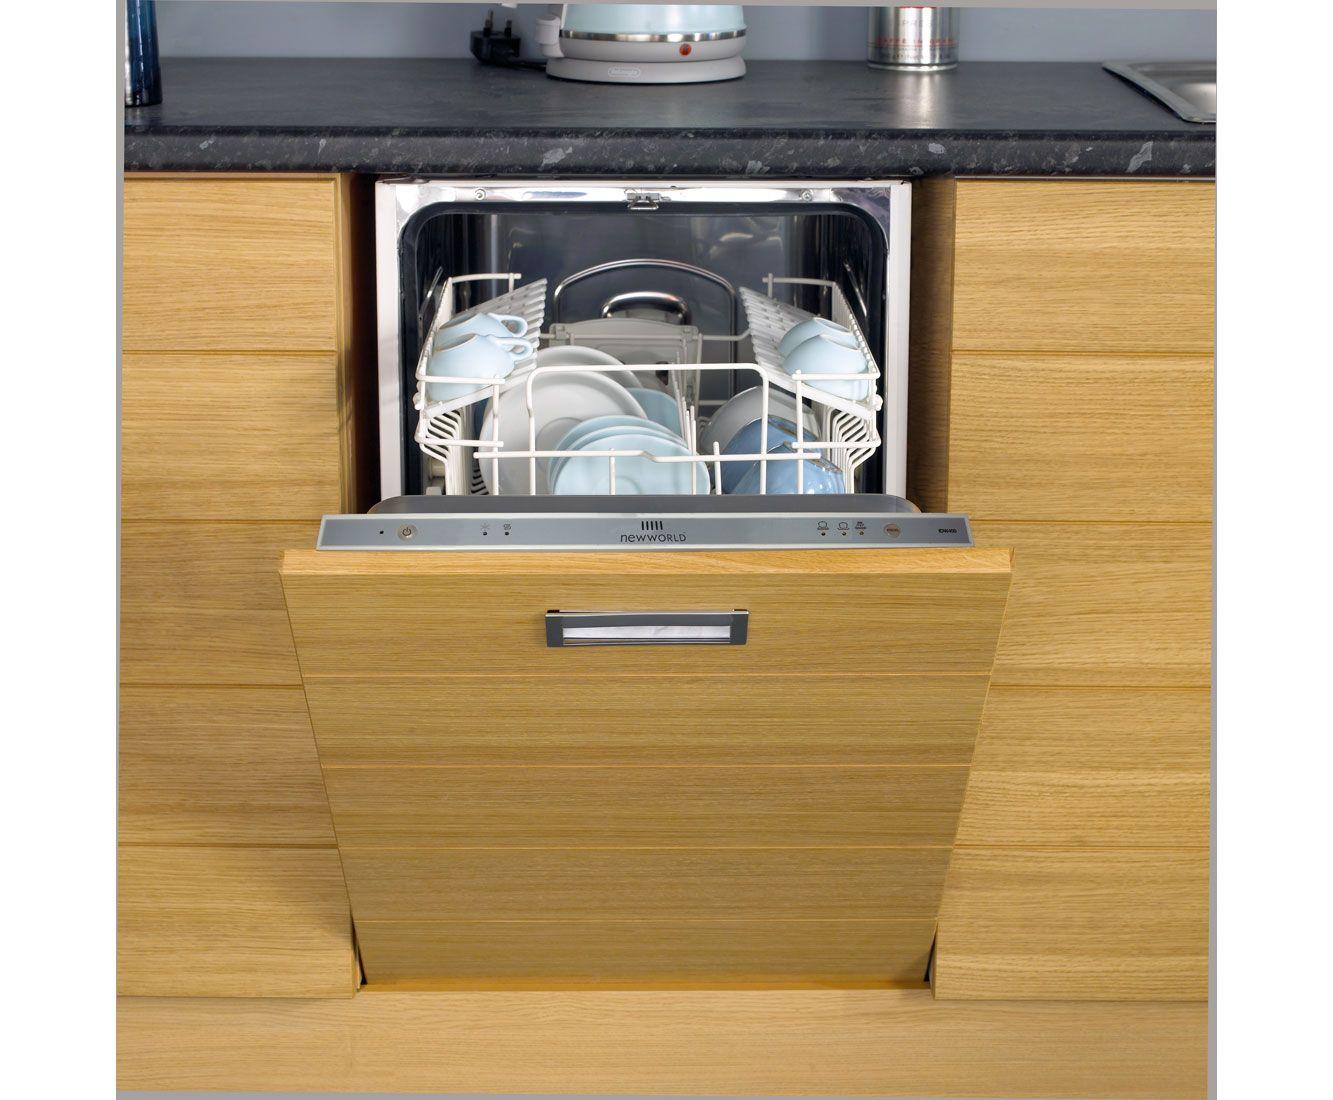 Newworld Nwdw45mk2 Fully Integrated Slimline Dishwasher